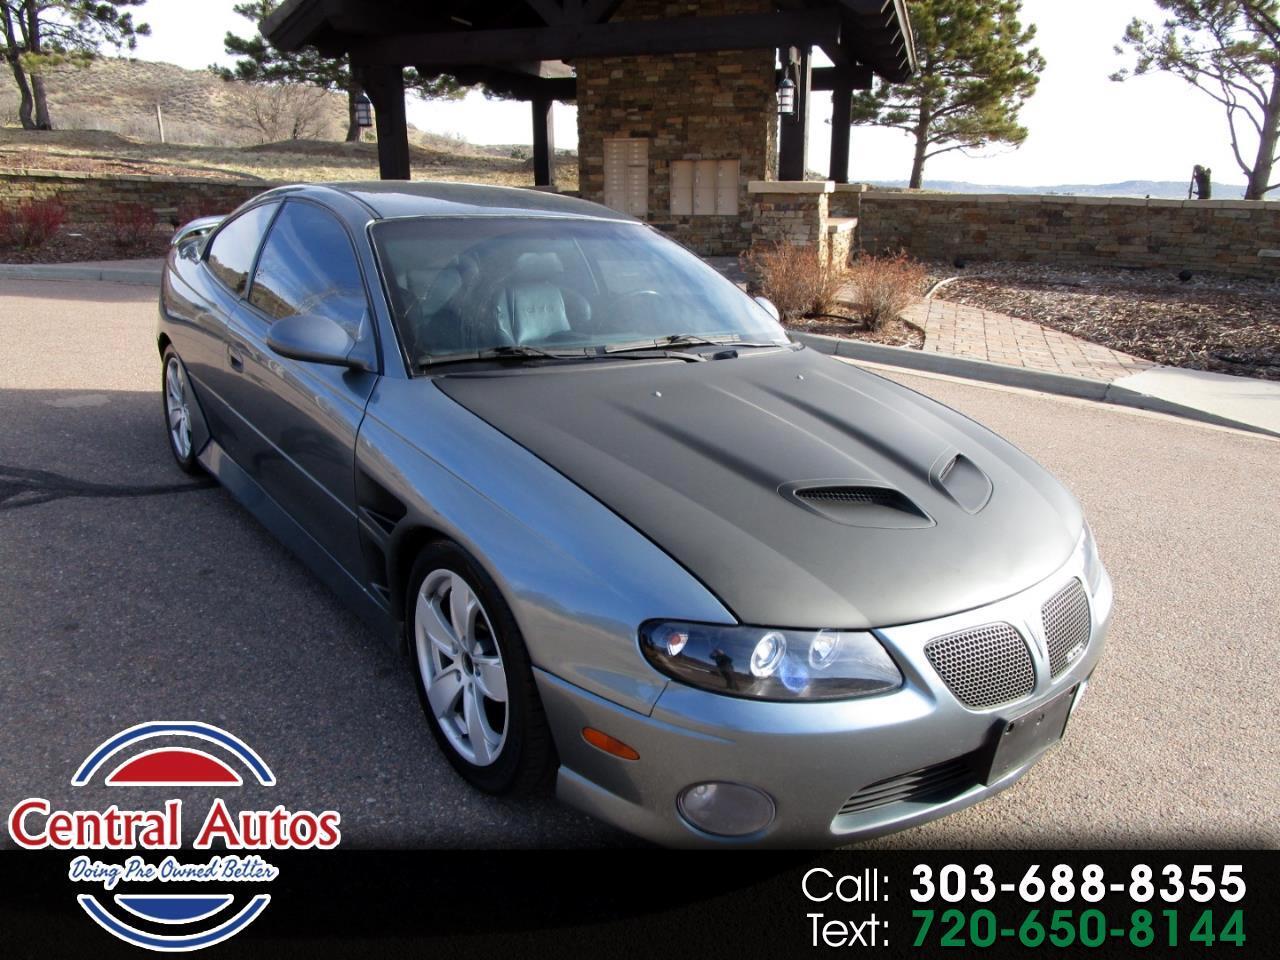 2006 Pontiac GTO 2dr Cpe